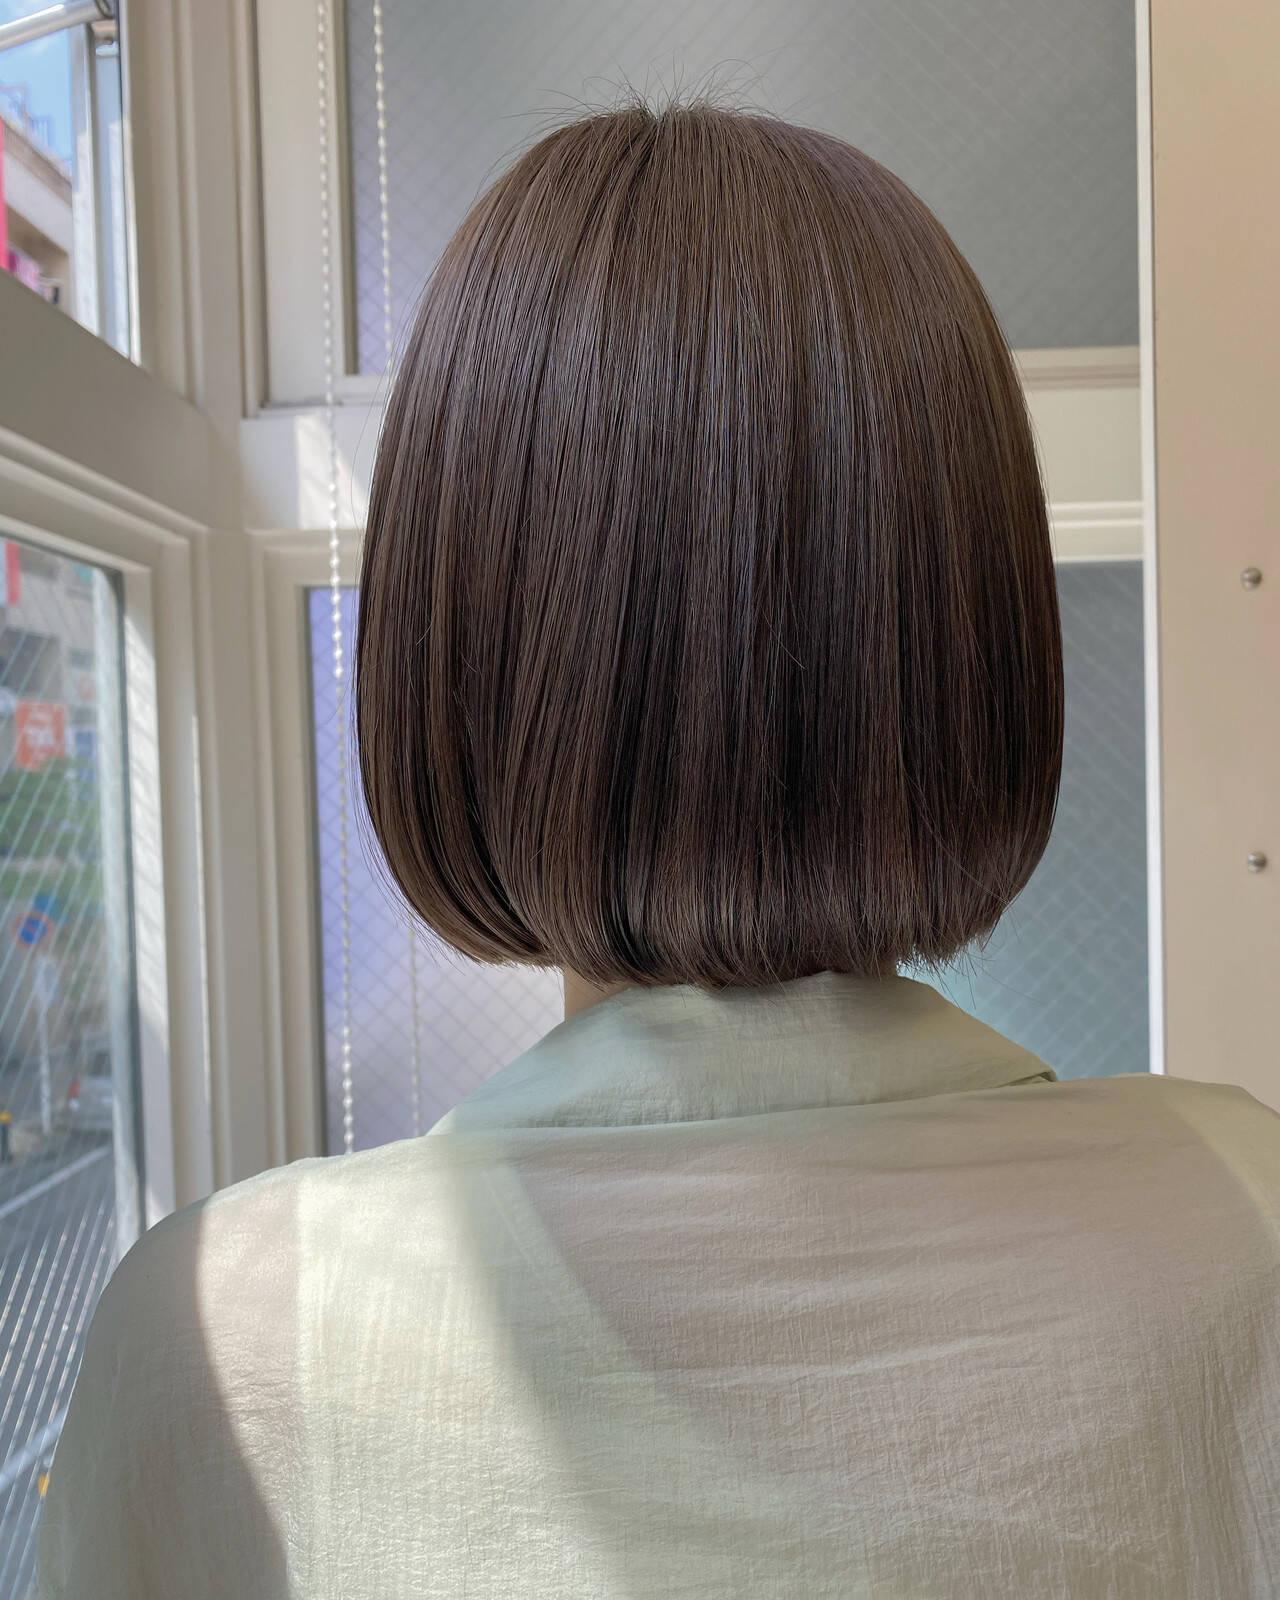 ミニボブ ボブ グレージュ 切りっぱなしボブヘアスタイルや髪型の写真・画像